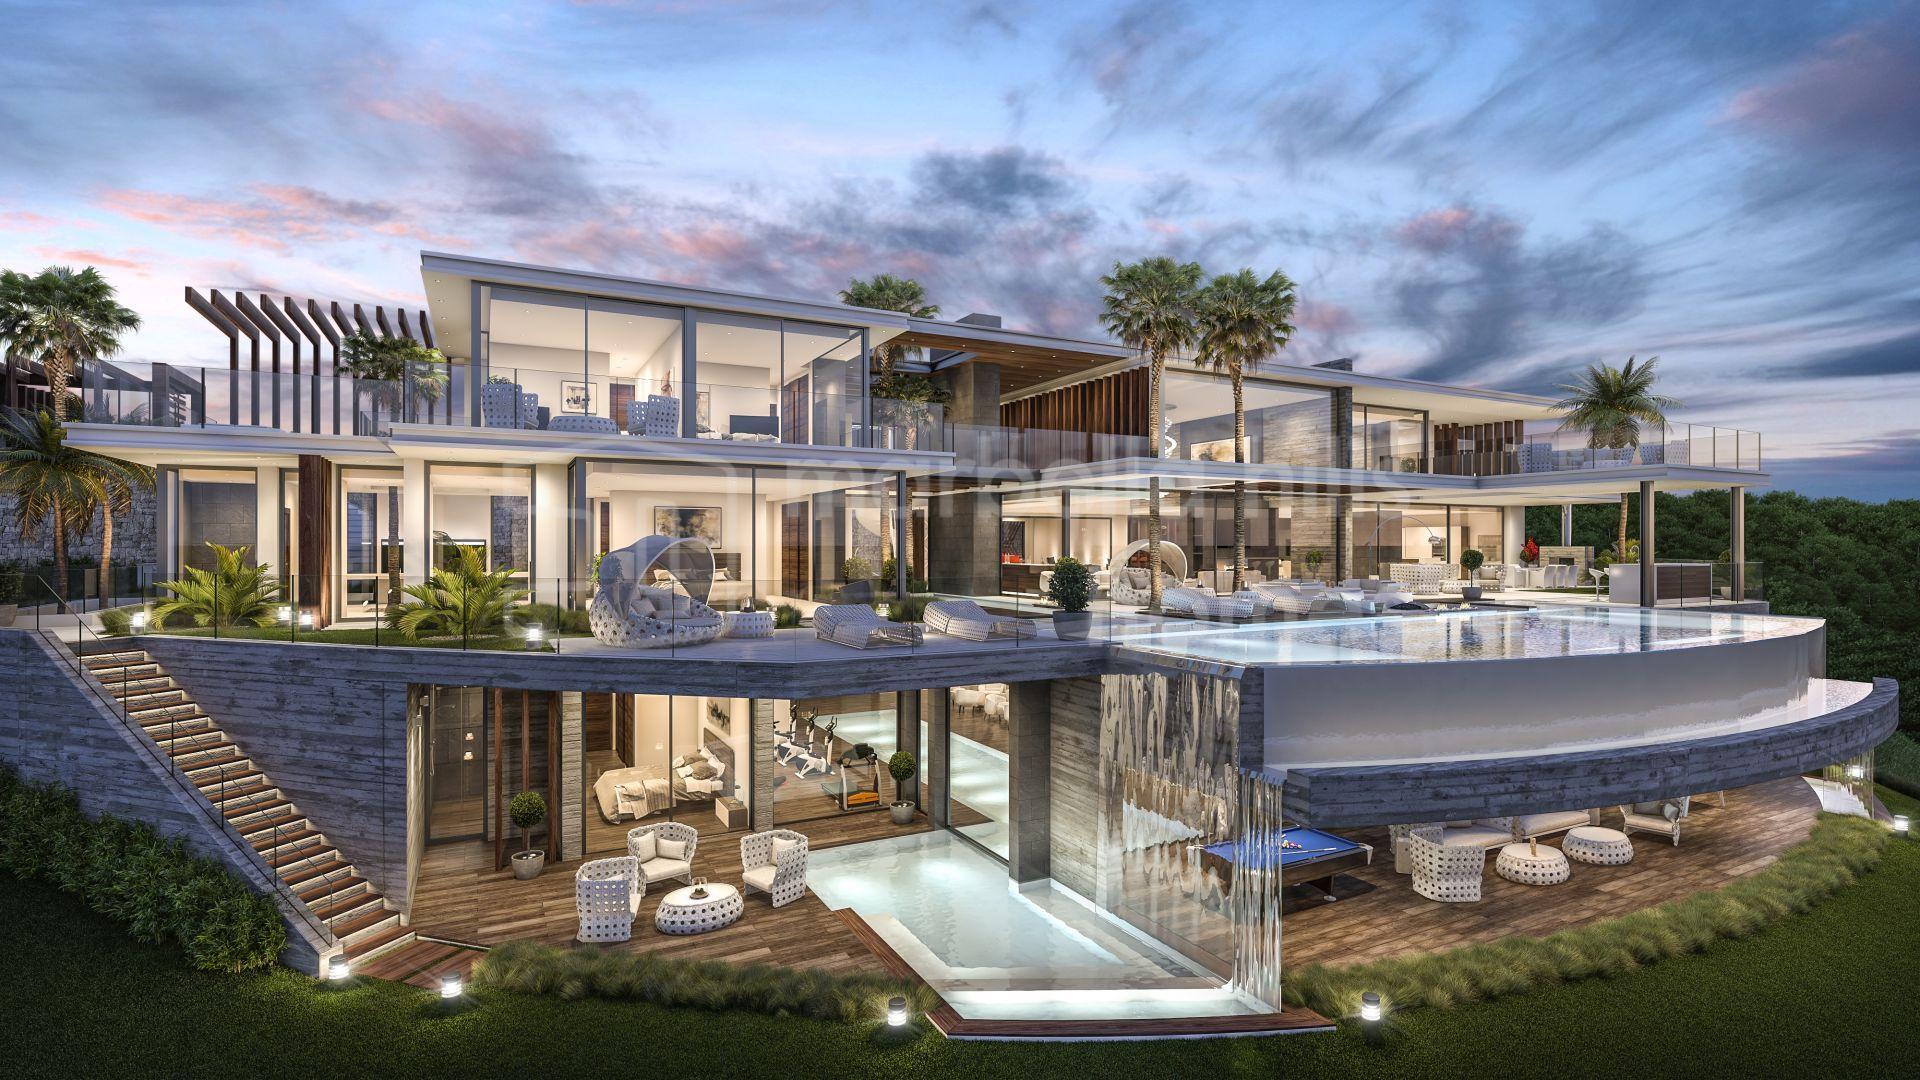 Villa A Vendre A La Zagaleta Benahavis Nouvelle Realisation D Une